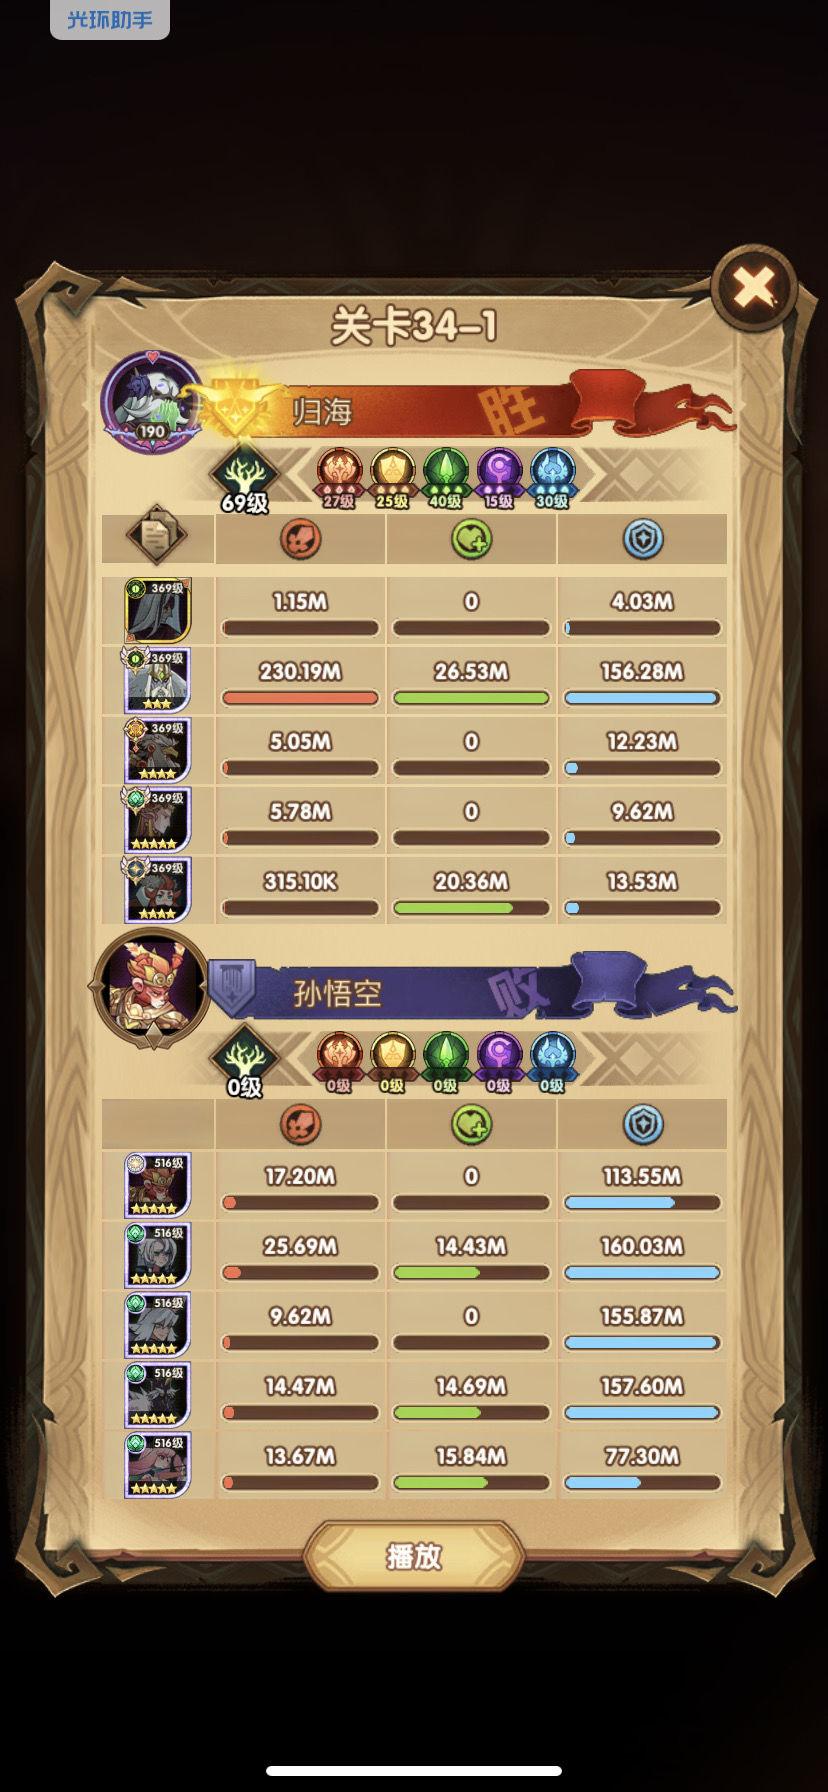 剑与远征34-1攻略 阵容搭配及玩法分享